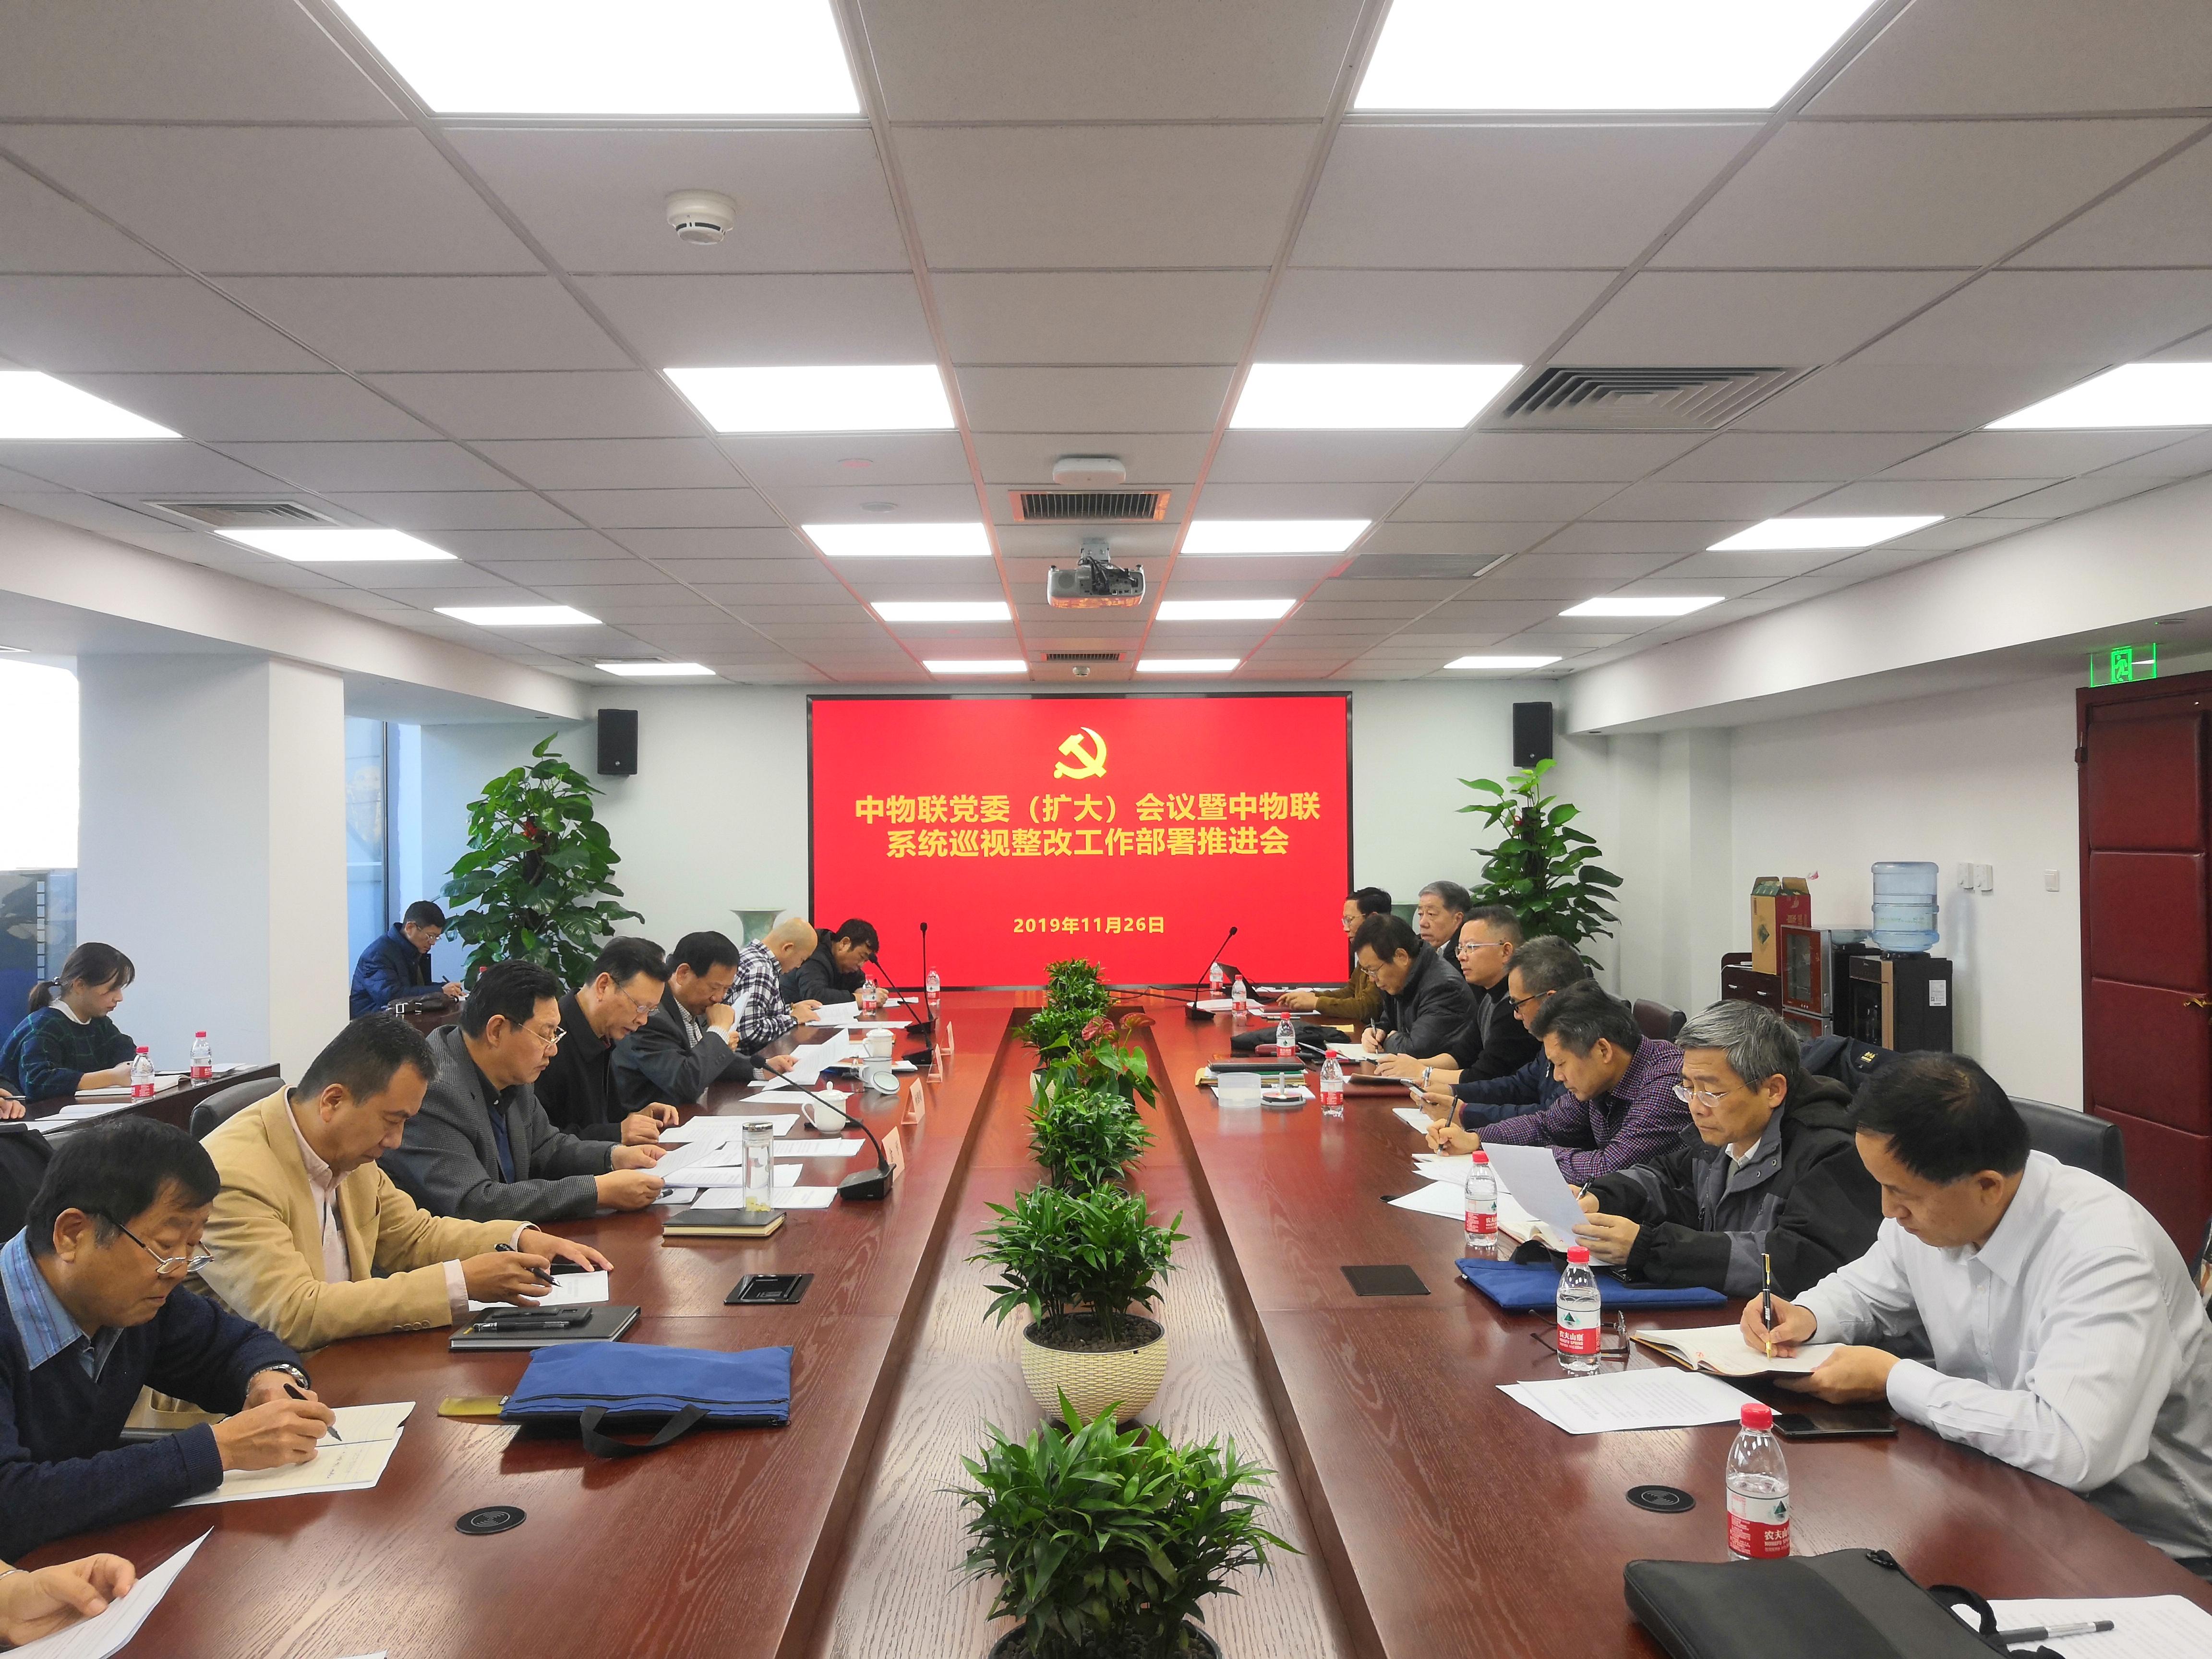 中物联党委召开党委(扩大)会议和中物联系统巡视整改推进会